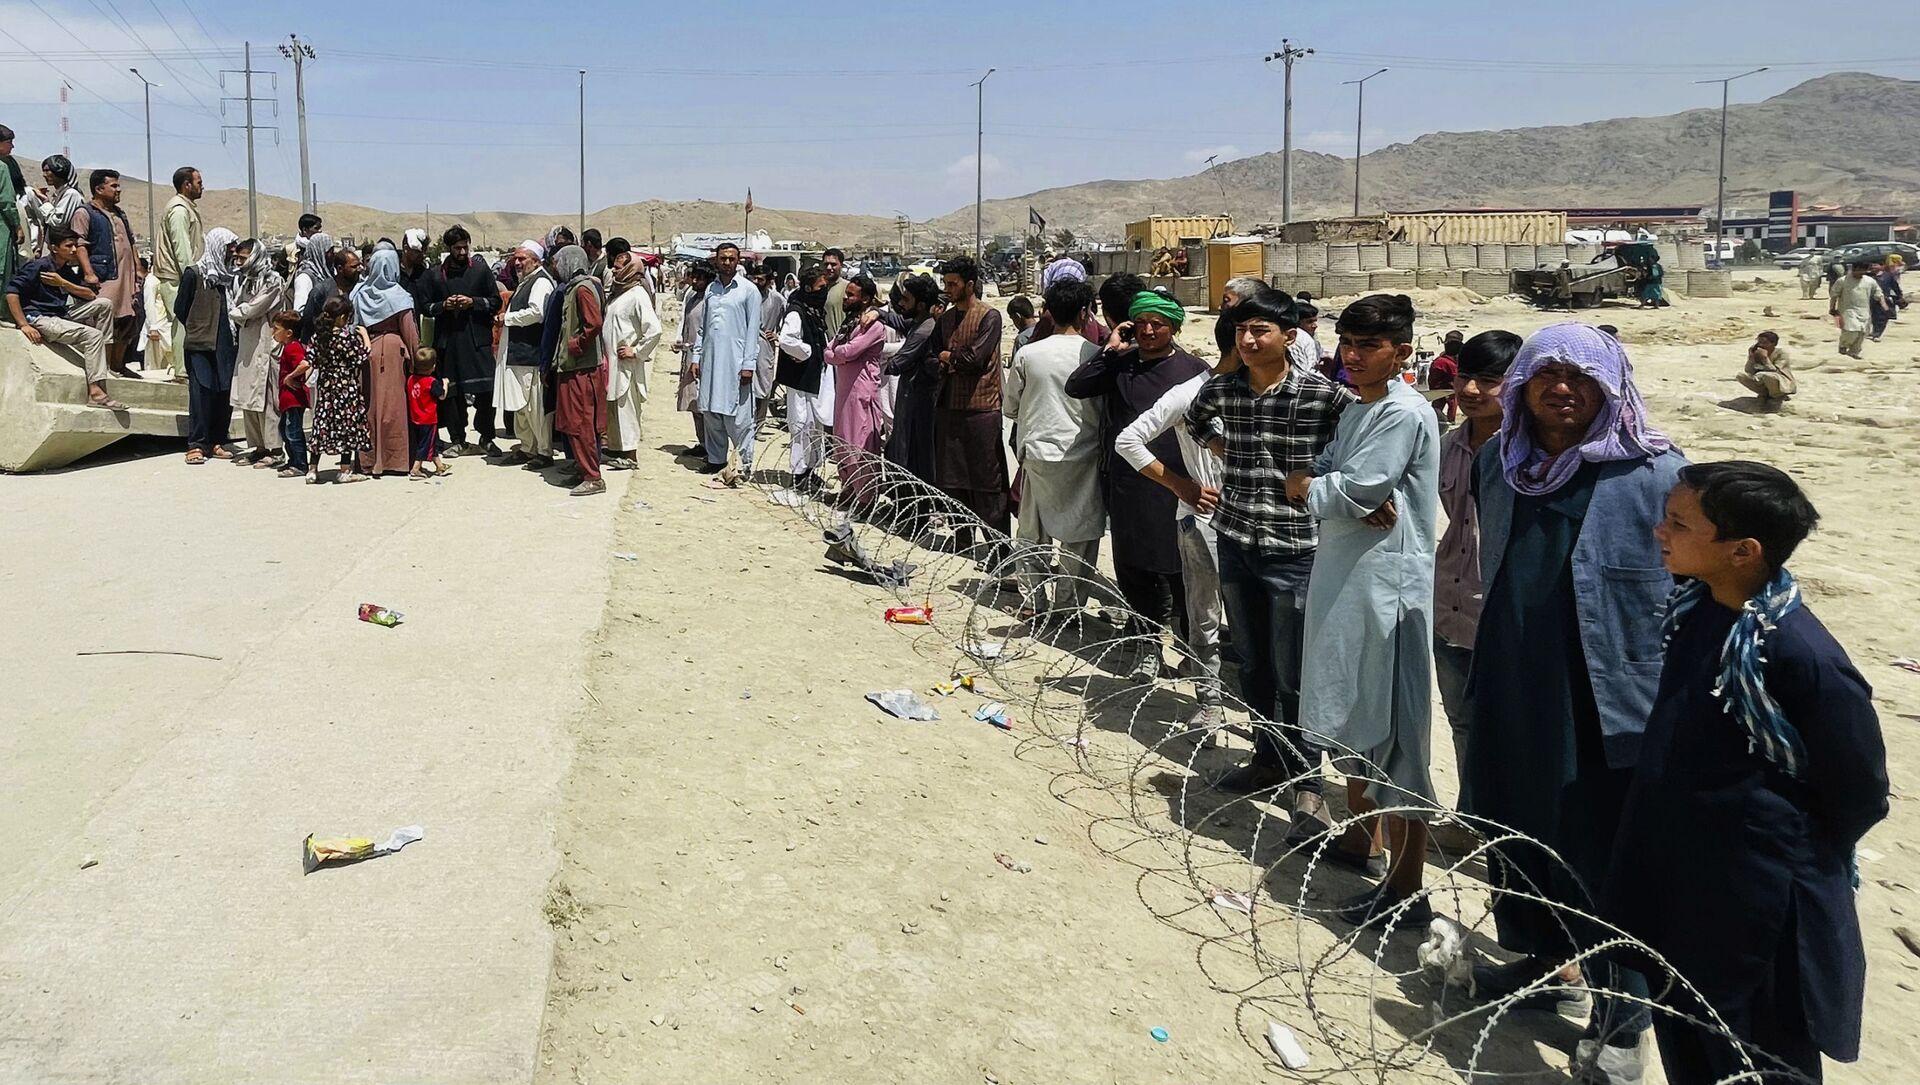 Жители Афганистана в очереди на территорию международного аэропорта в Кабуле - Sputnik Грузия, 1920, 19.08.2021